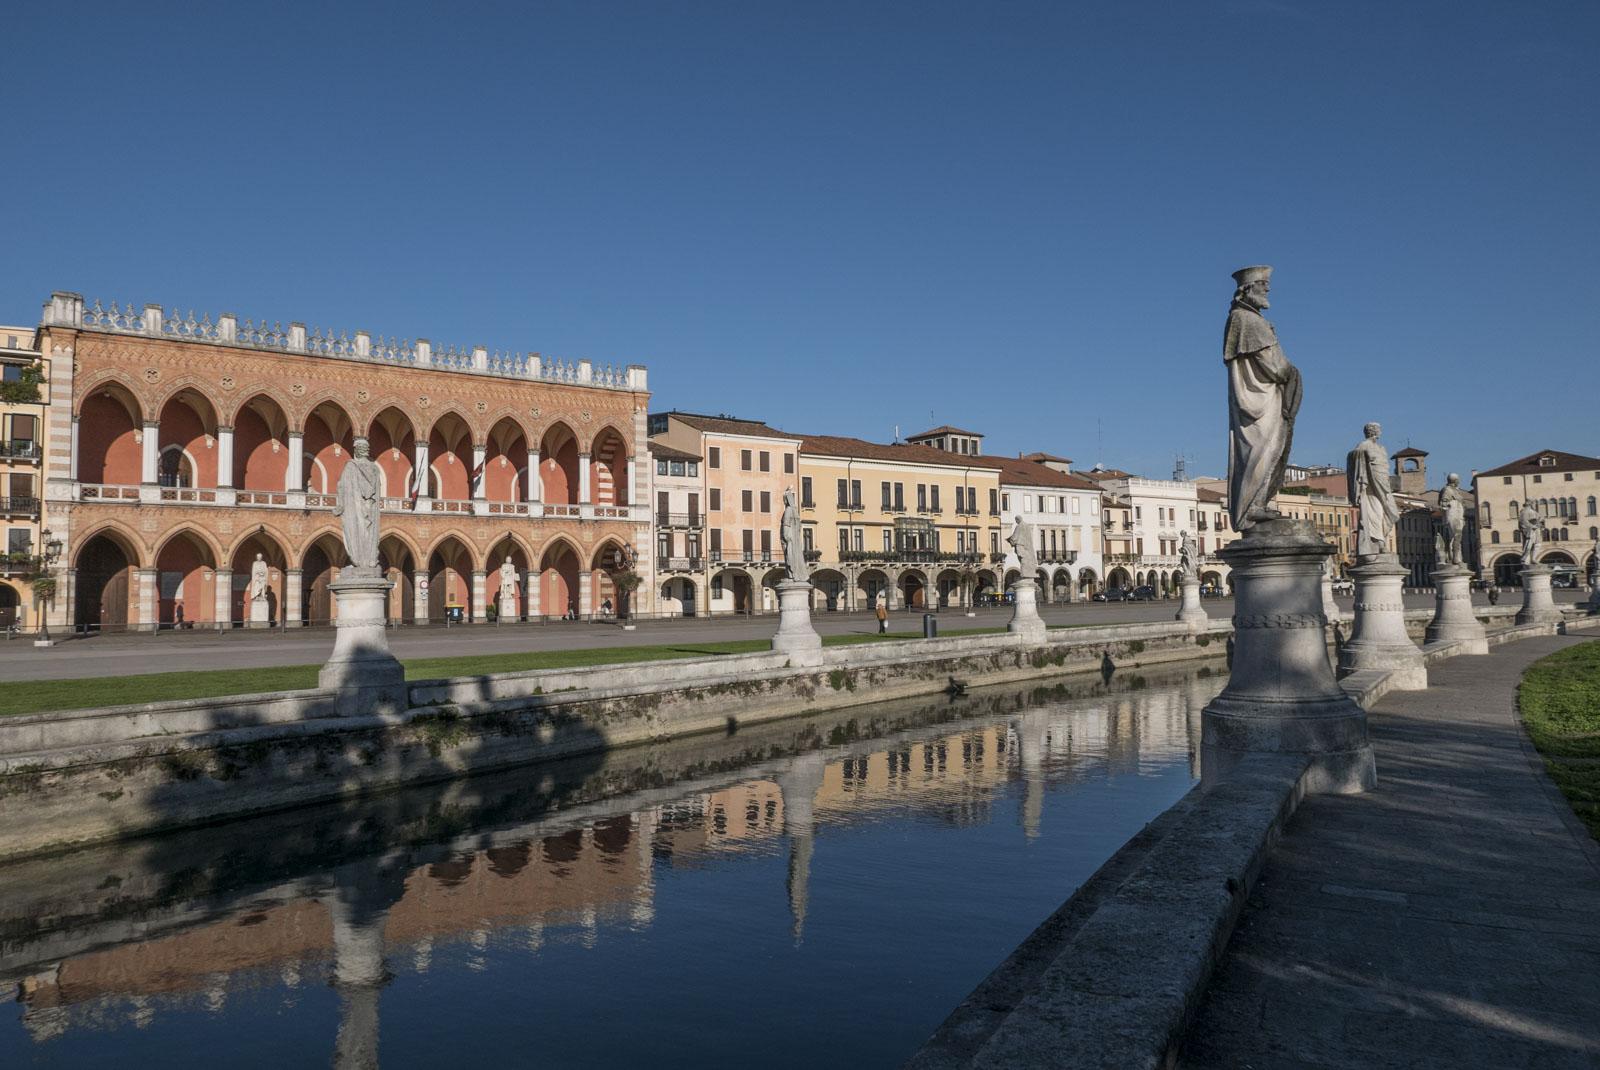 Piazza Prato della Valle, et 90.000 m2 stort elliptisk torg. Det største i italia, og ett av de største i Europa